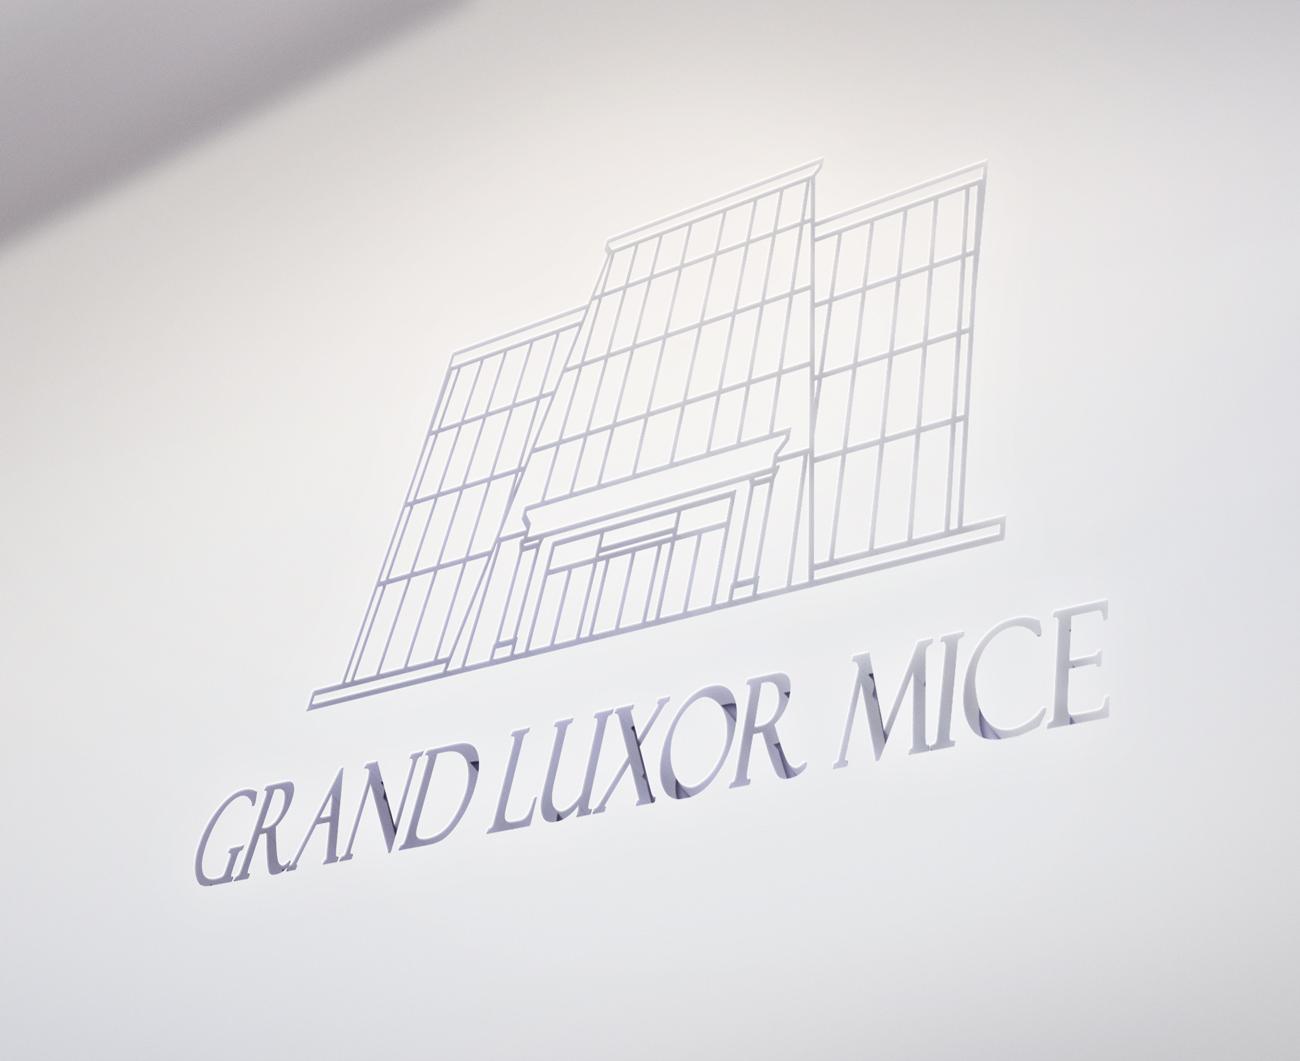 Logo Grand Luxor MICE